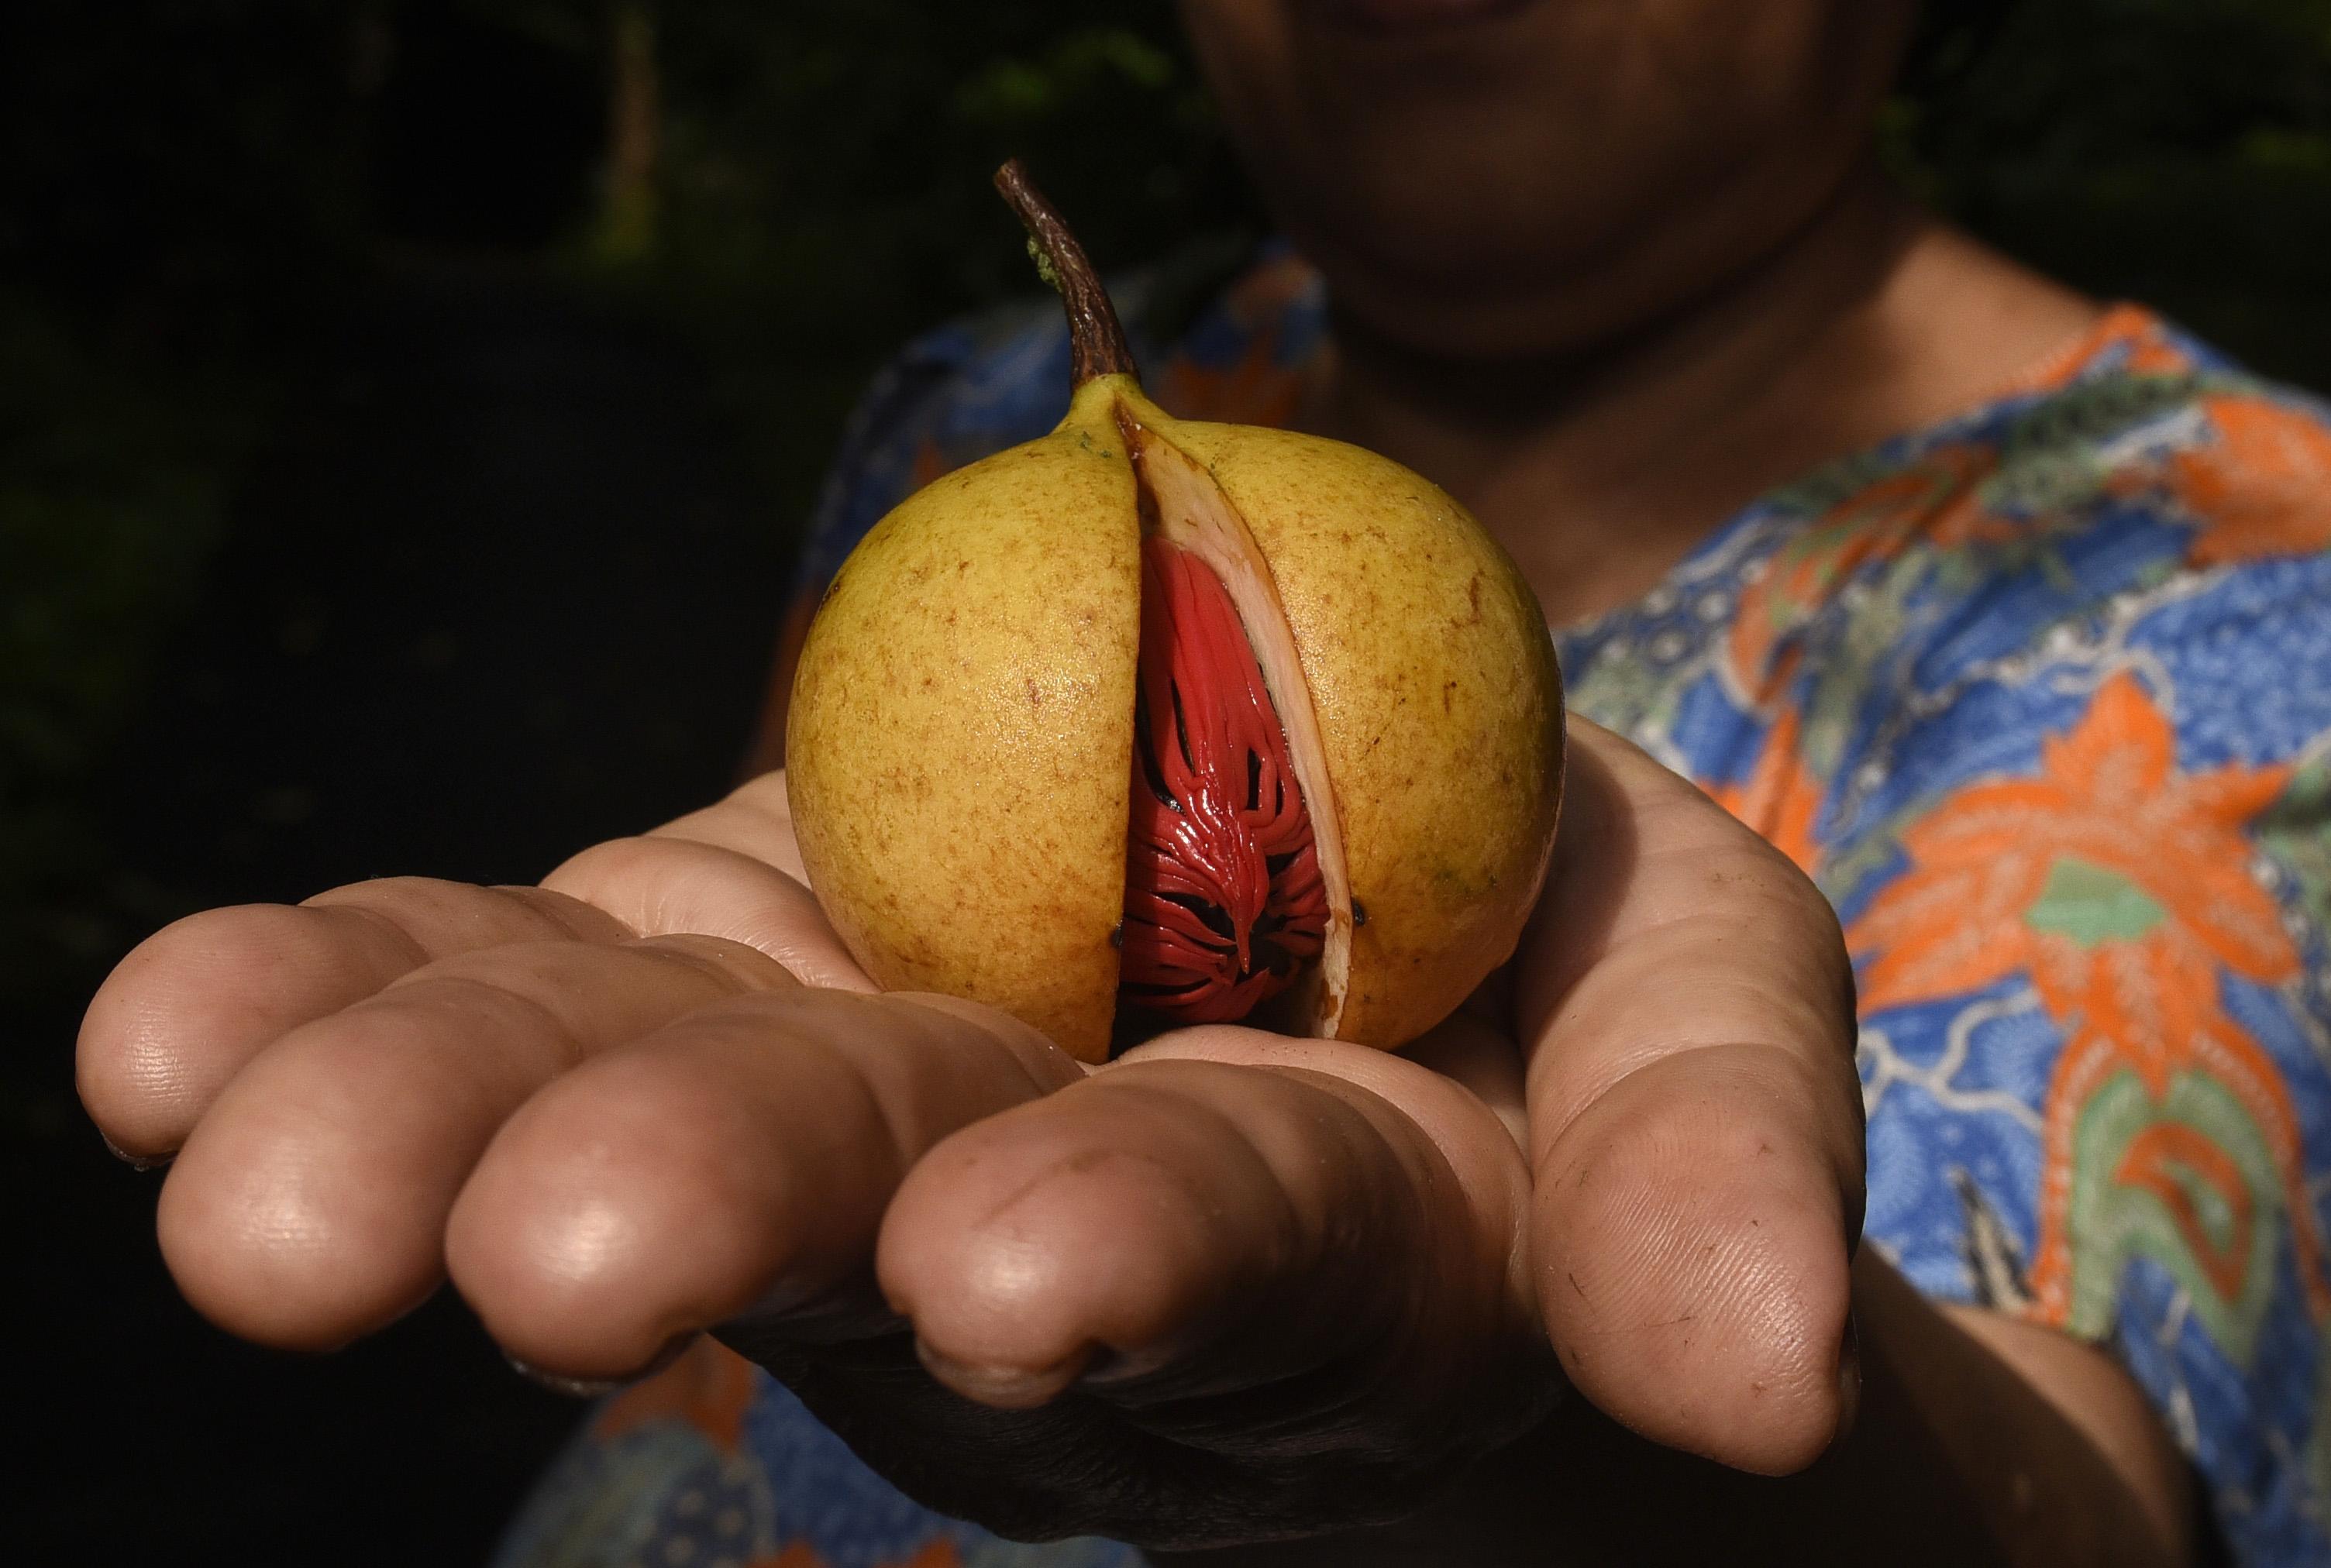 Warga menunjukkan buah pala yang telah matang di Banda Neira. Foto oleh Fanny Octavianus/Antara